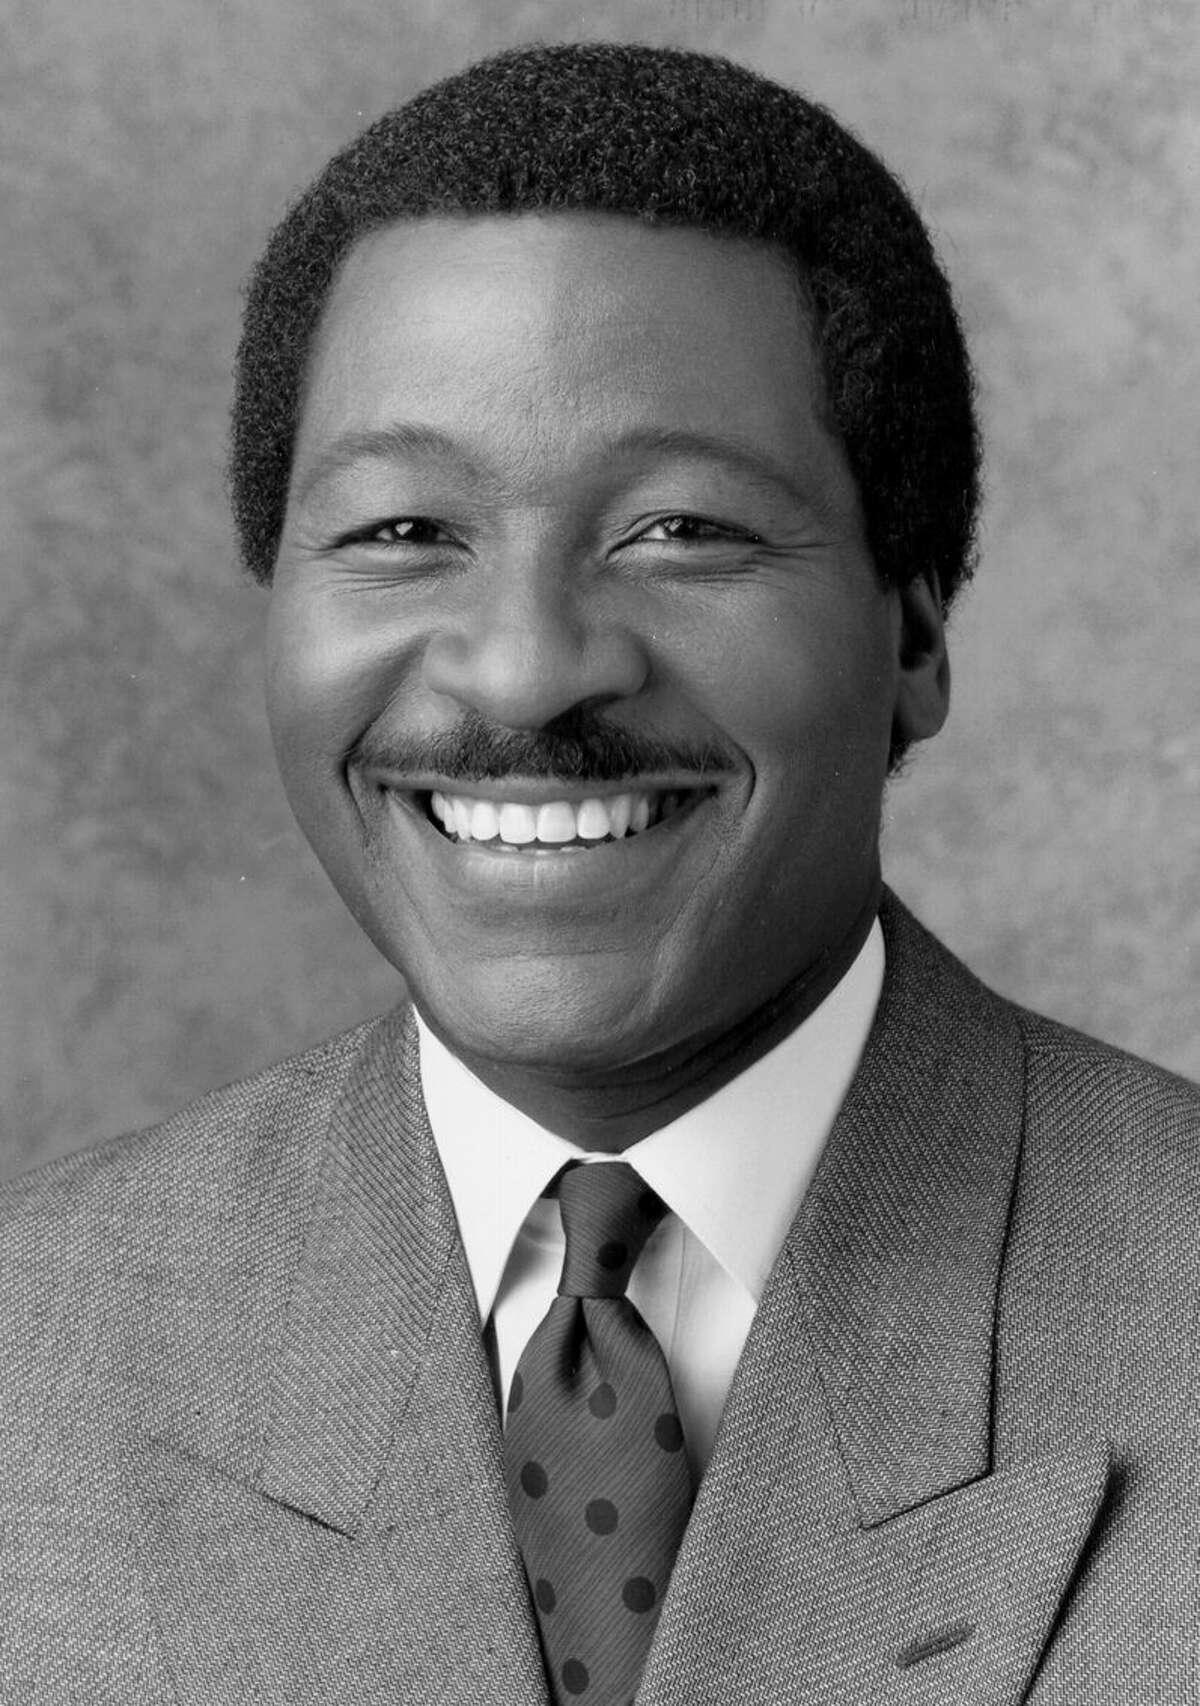 Steve Pool, Seattle area TV meteorologist--B/W only 1997